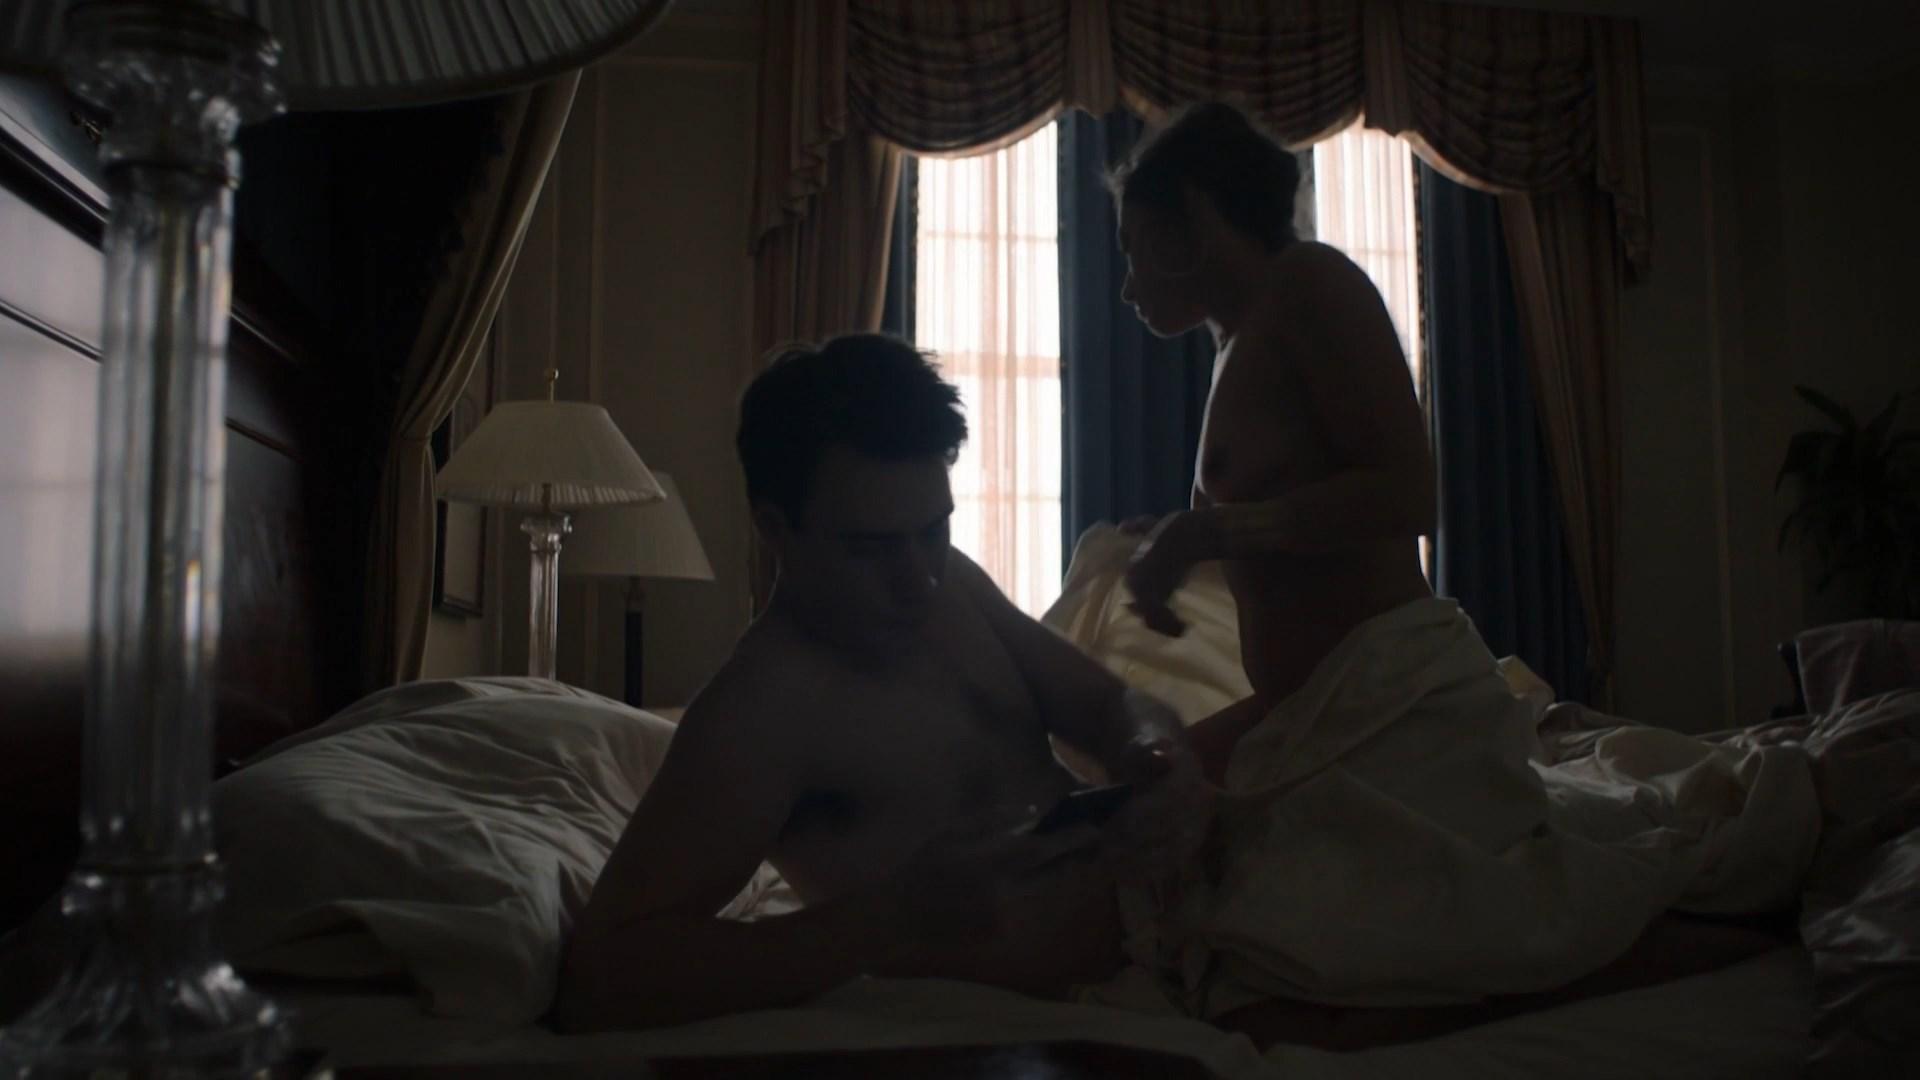 эротическое кино hd смотреть